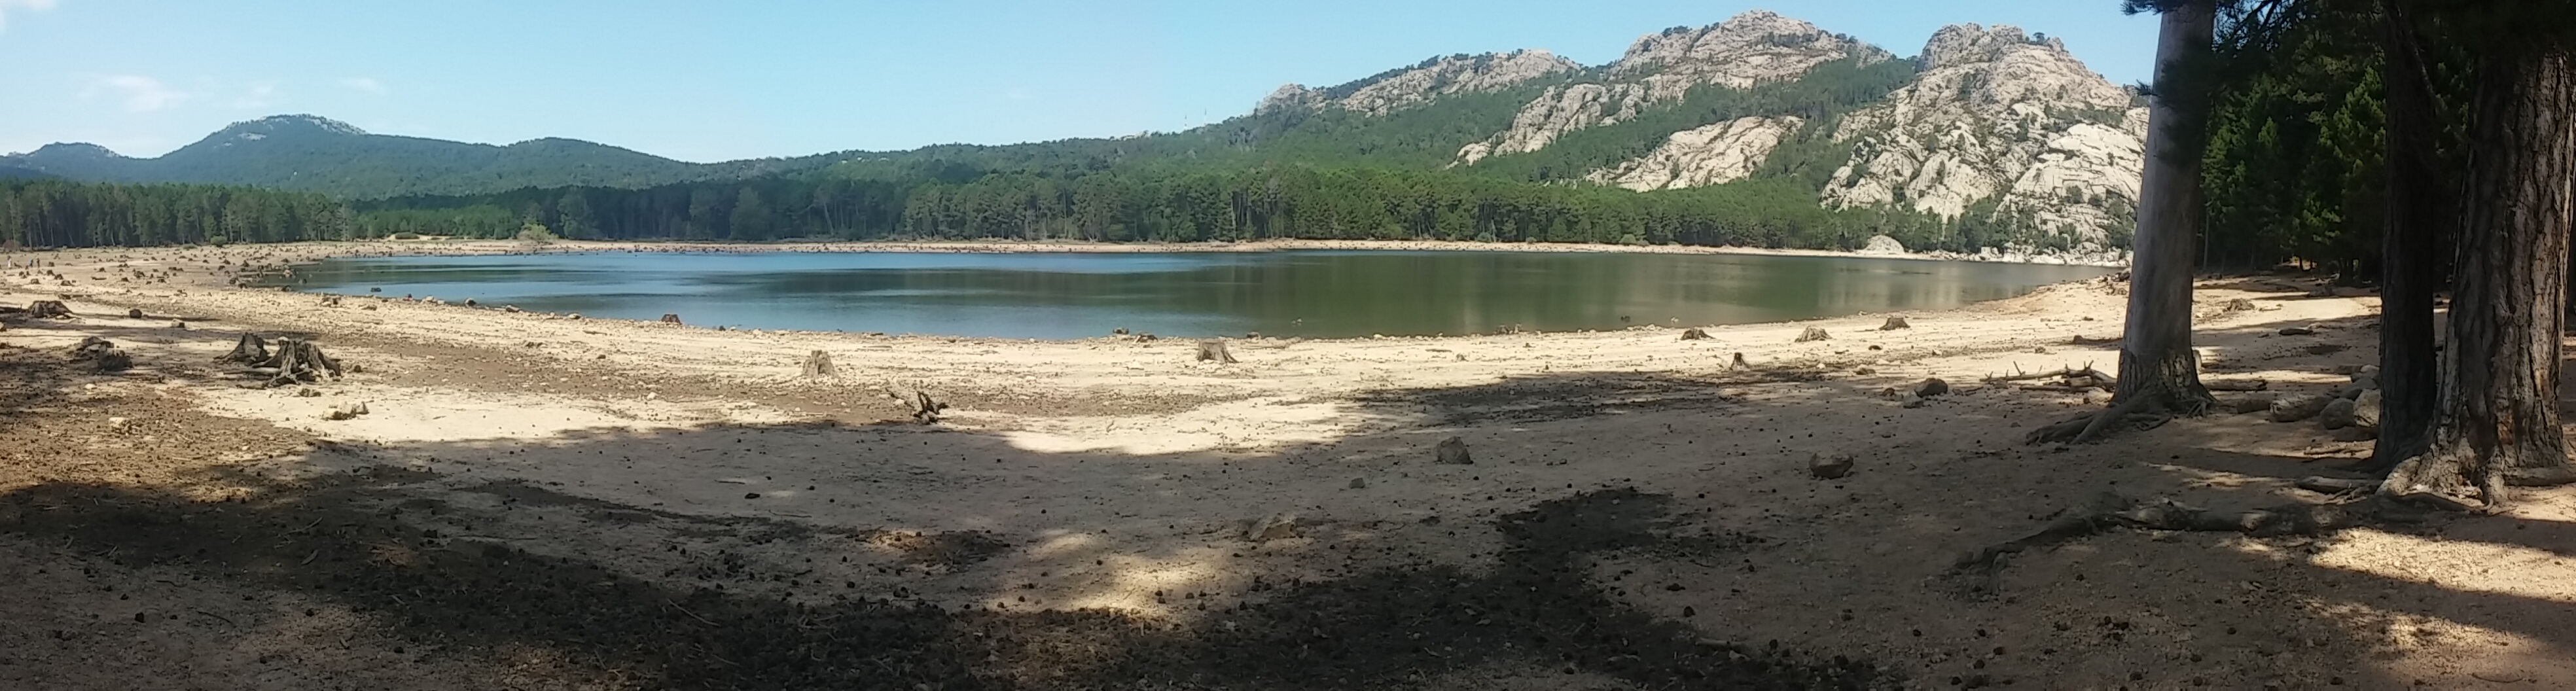 lago-corcega